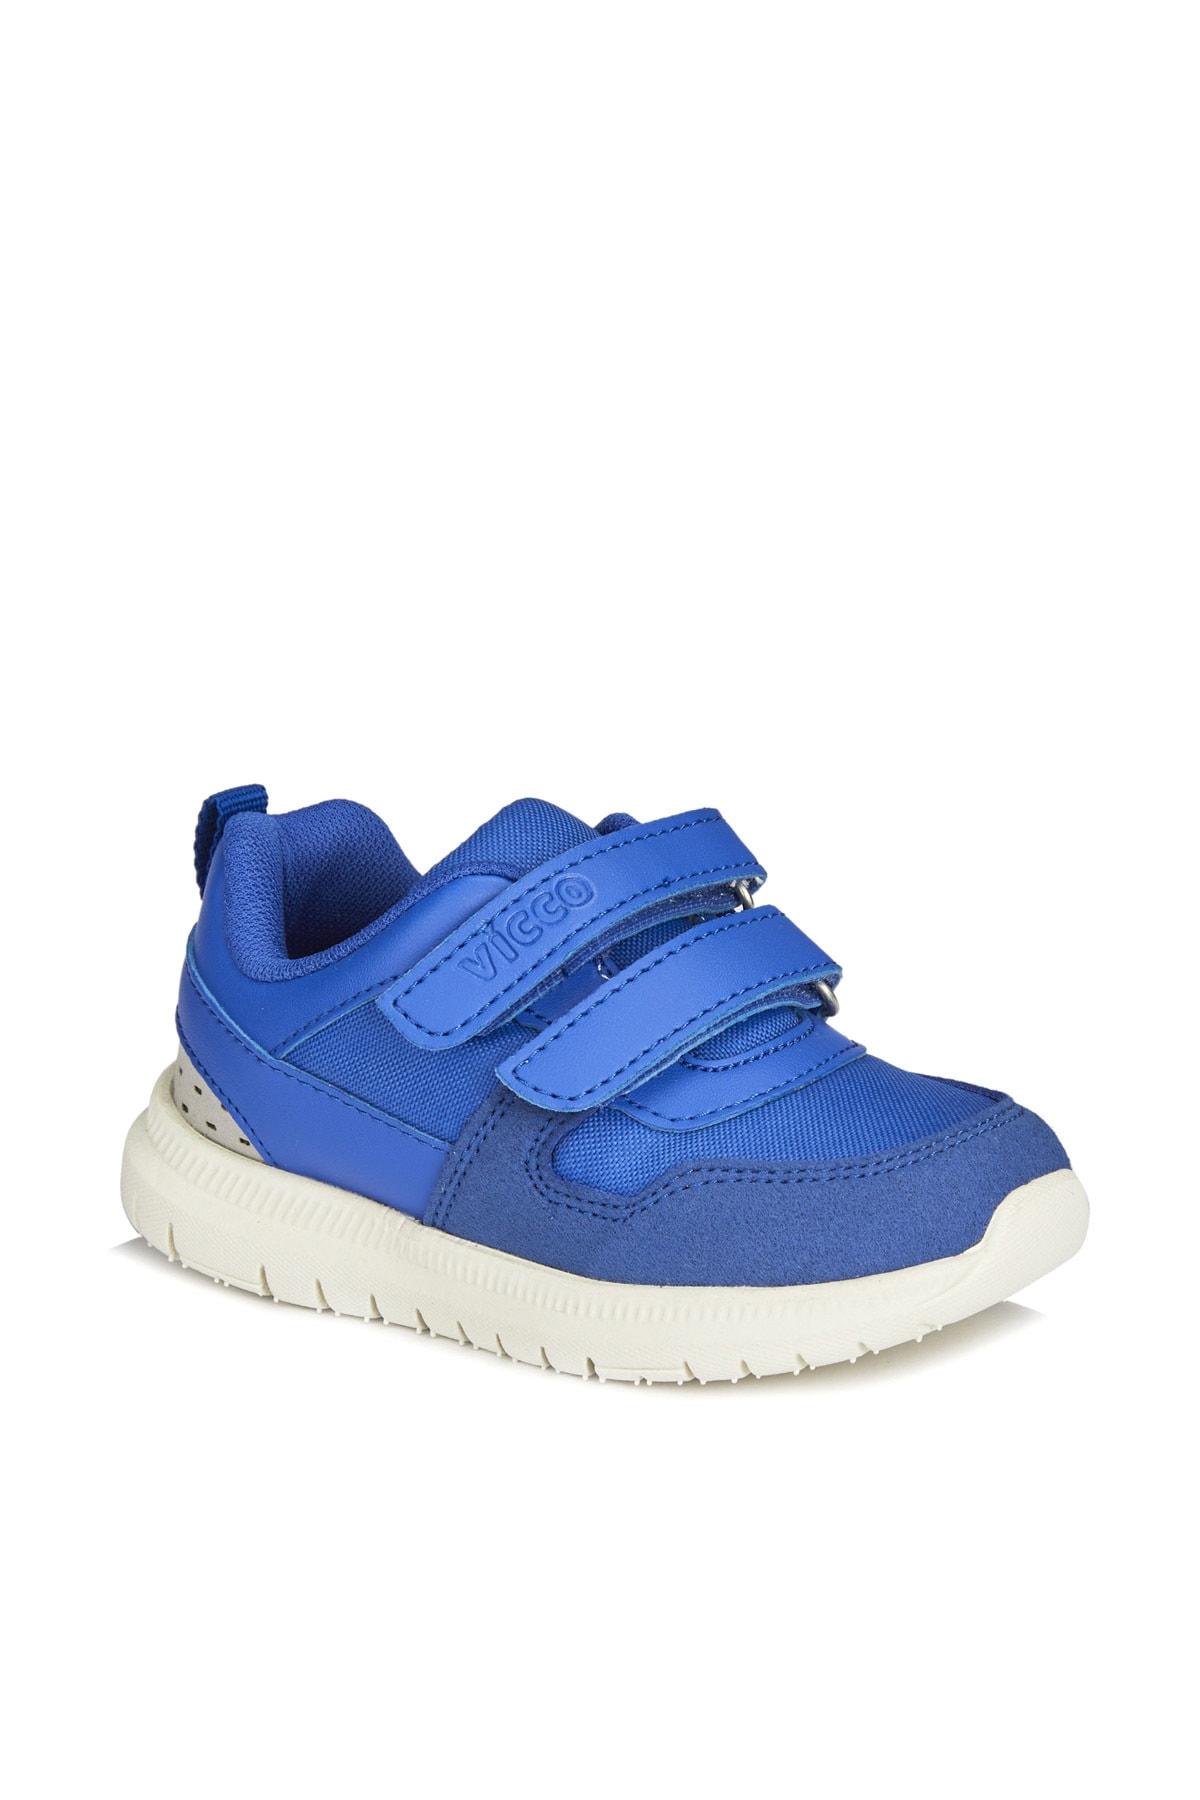 Vicco Solo Hafif Erkek Bebe Saks Mavi Spor Ayakkabı 1